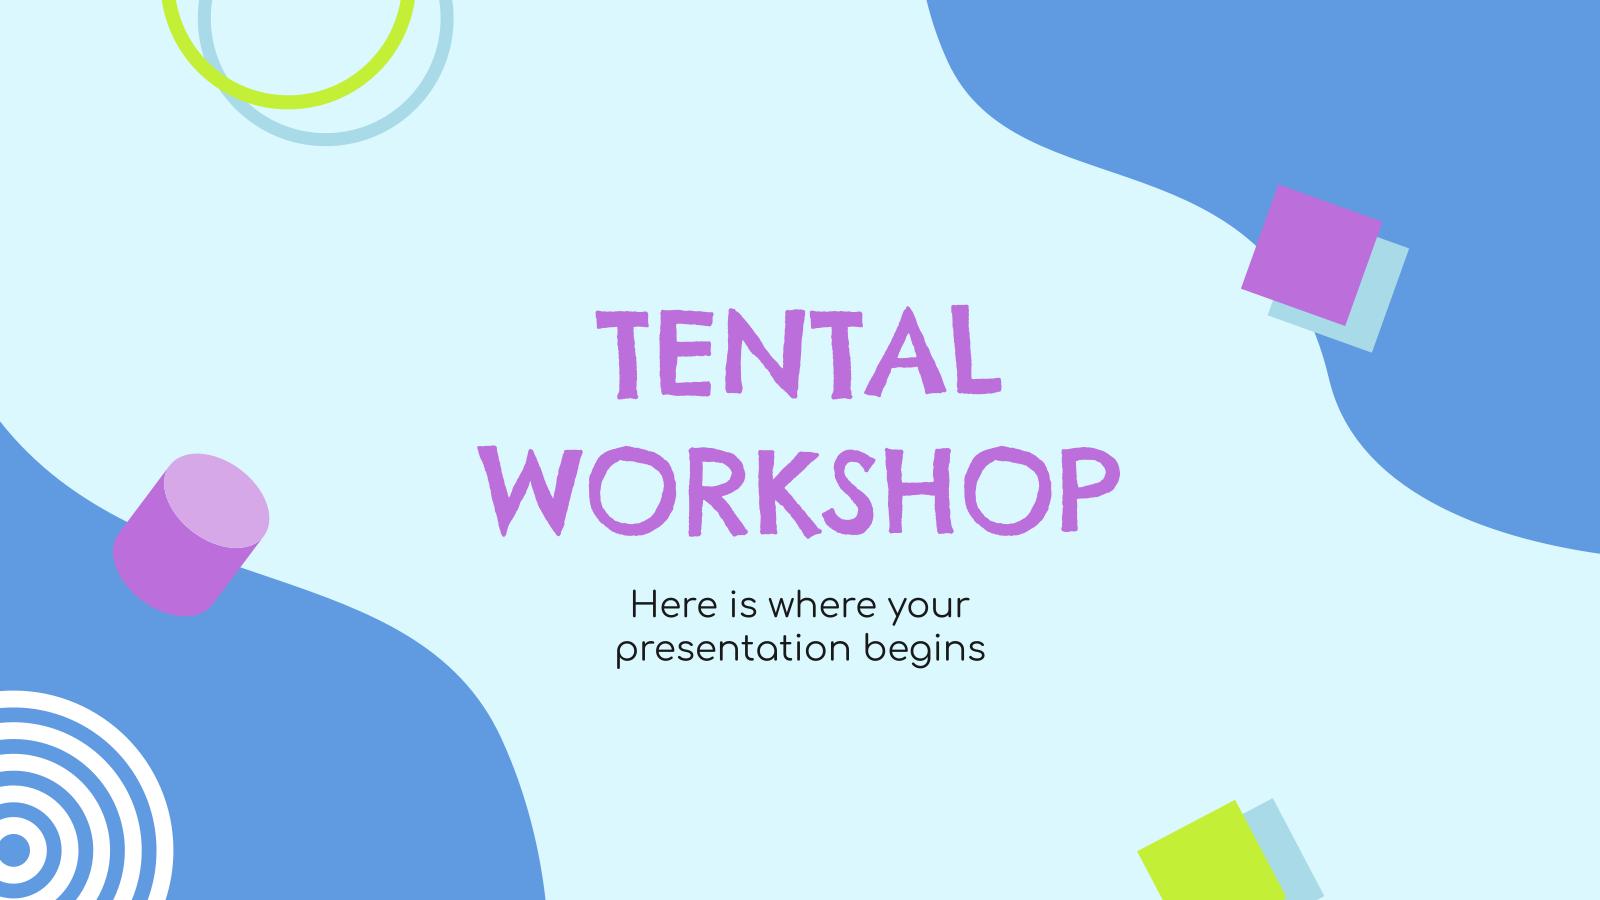 Tental Workshop presentation template